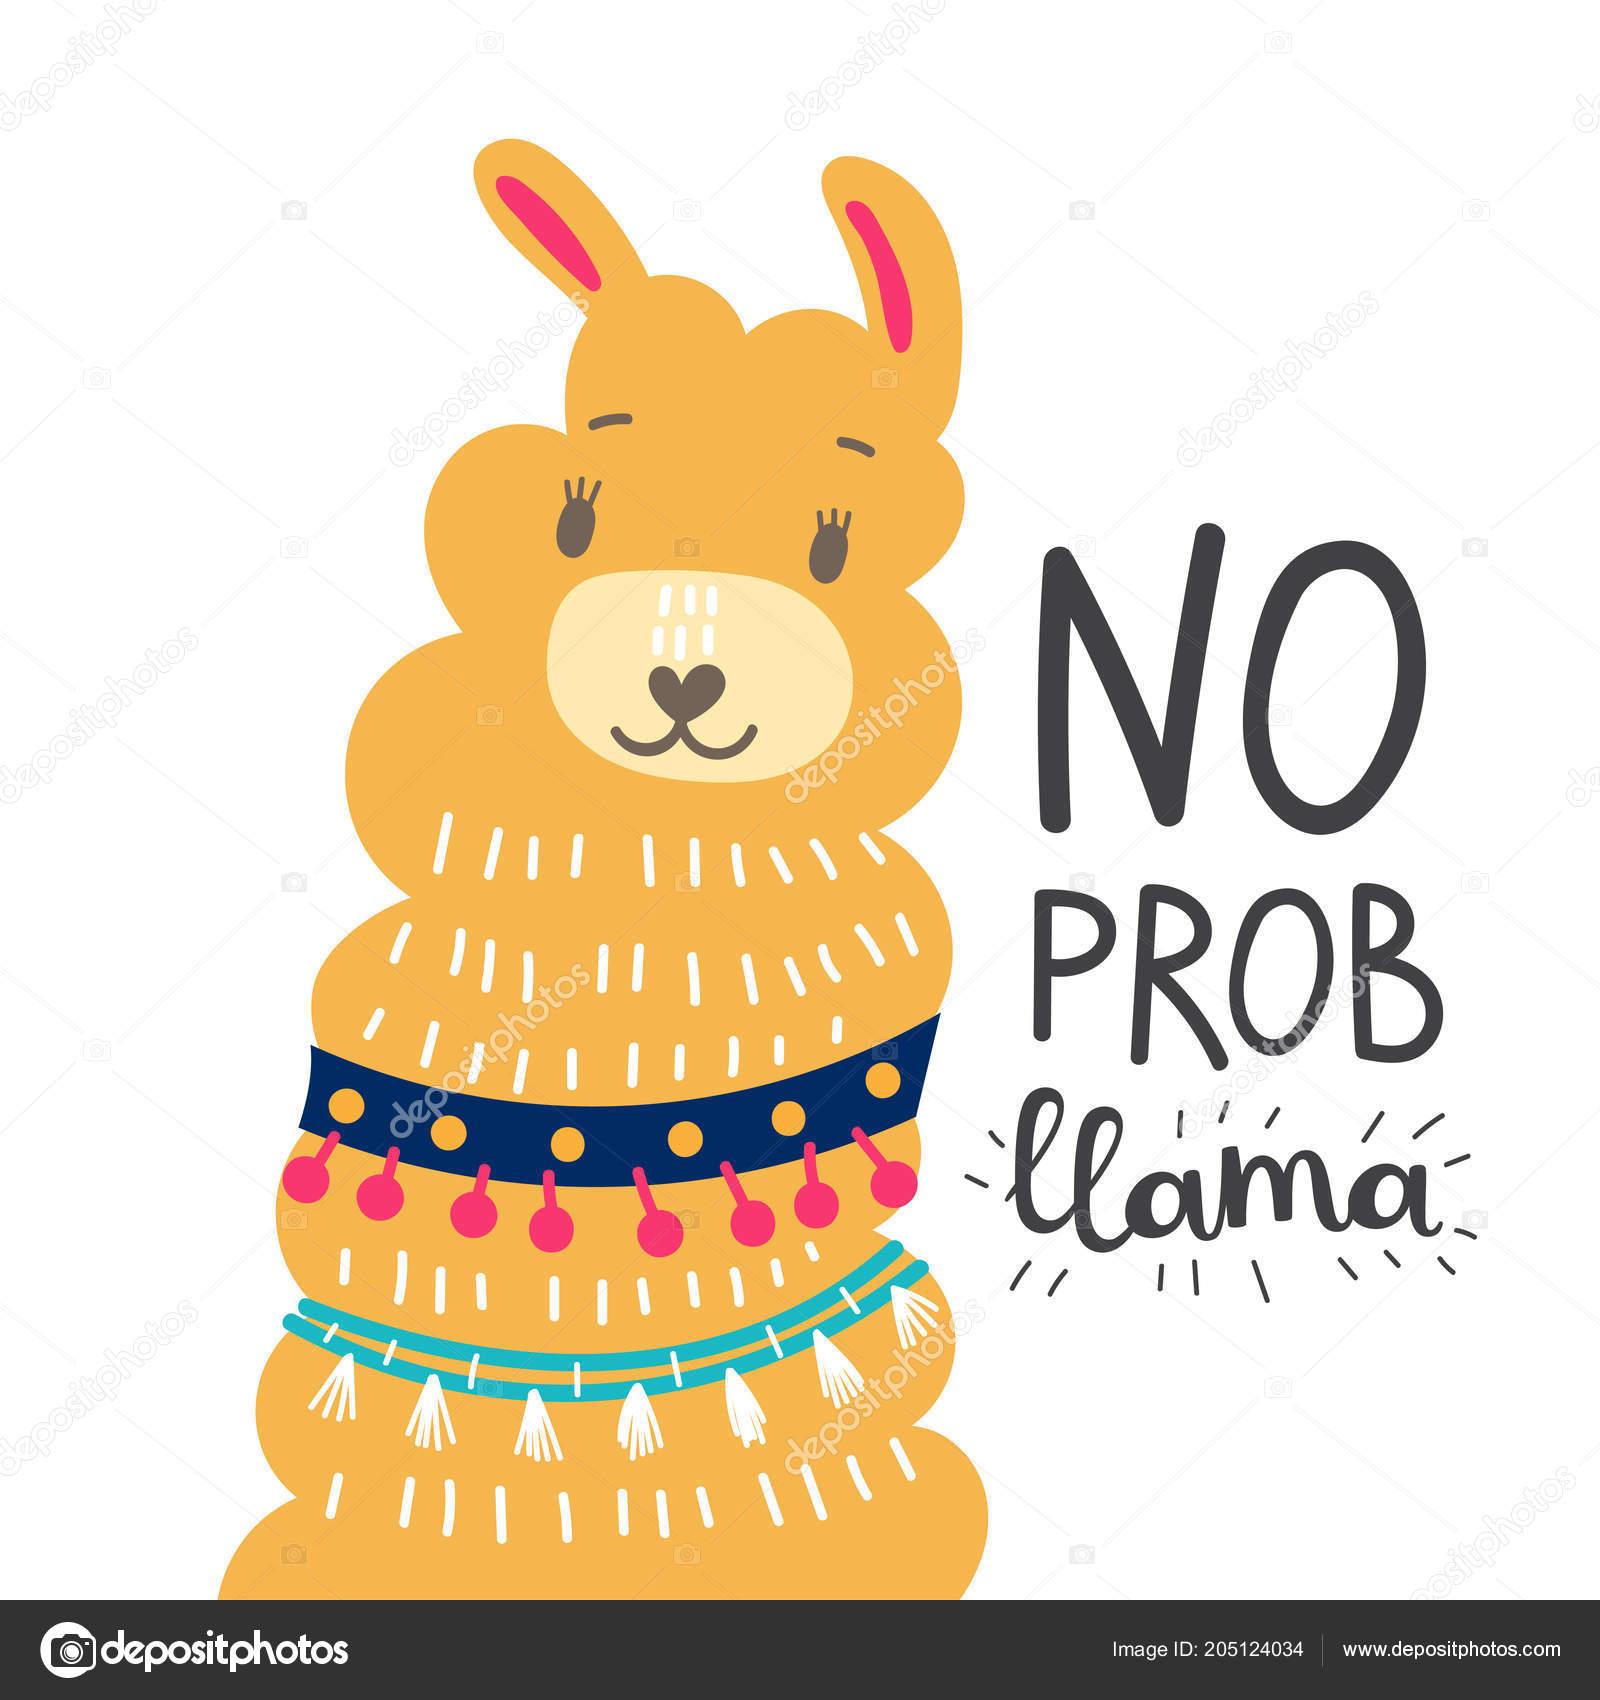 Llamas Quotes Inspirational: Aucune Citation Motivation Lama Prob Dessin Animé Mignon